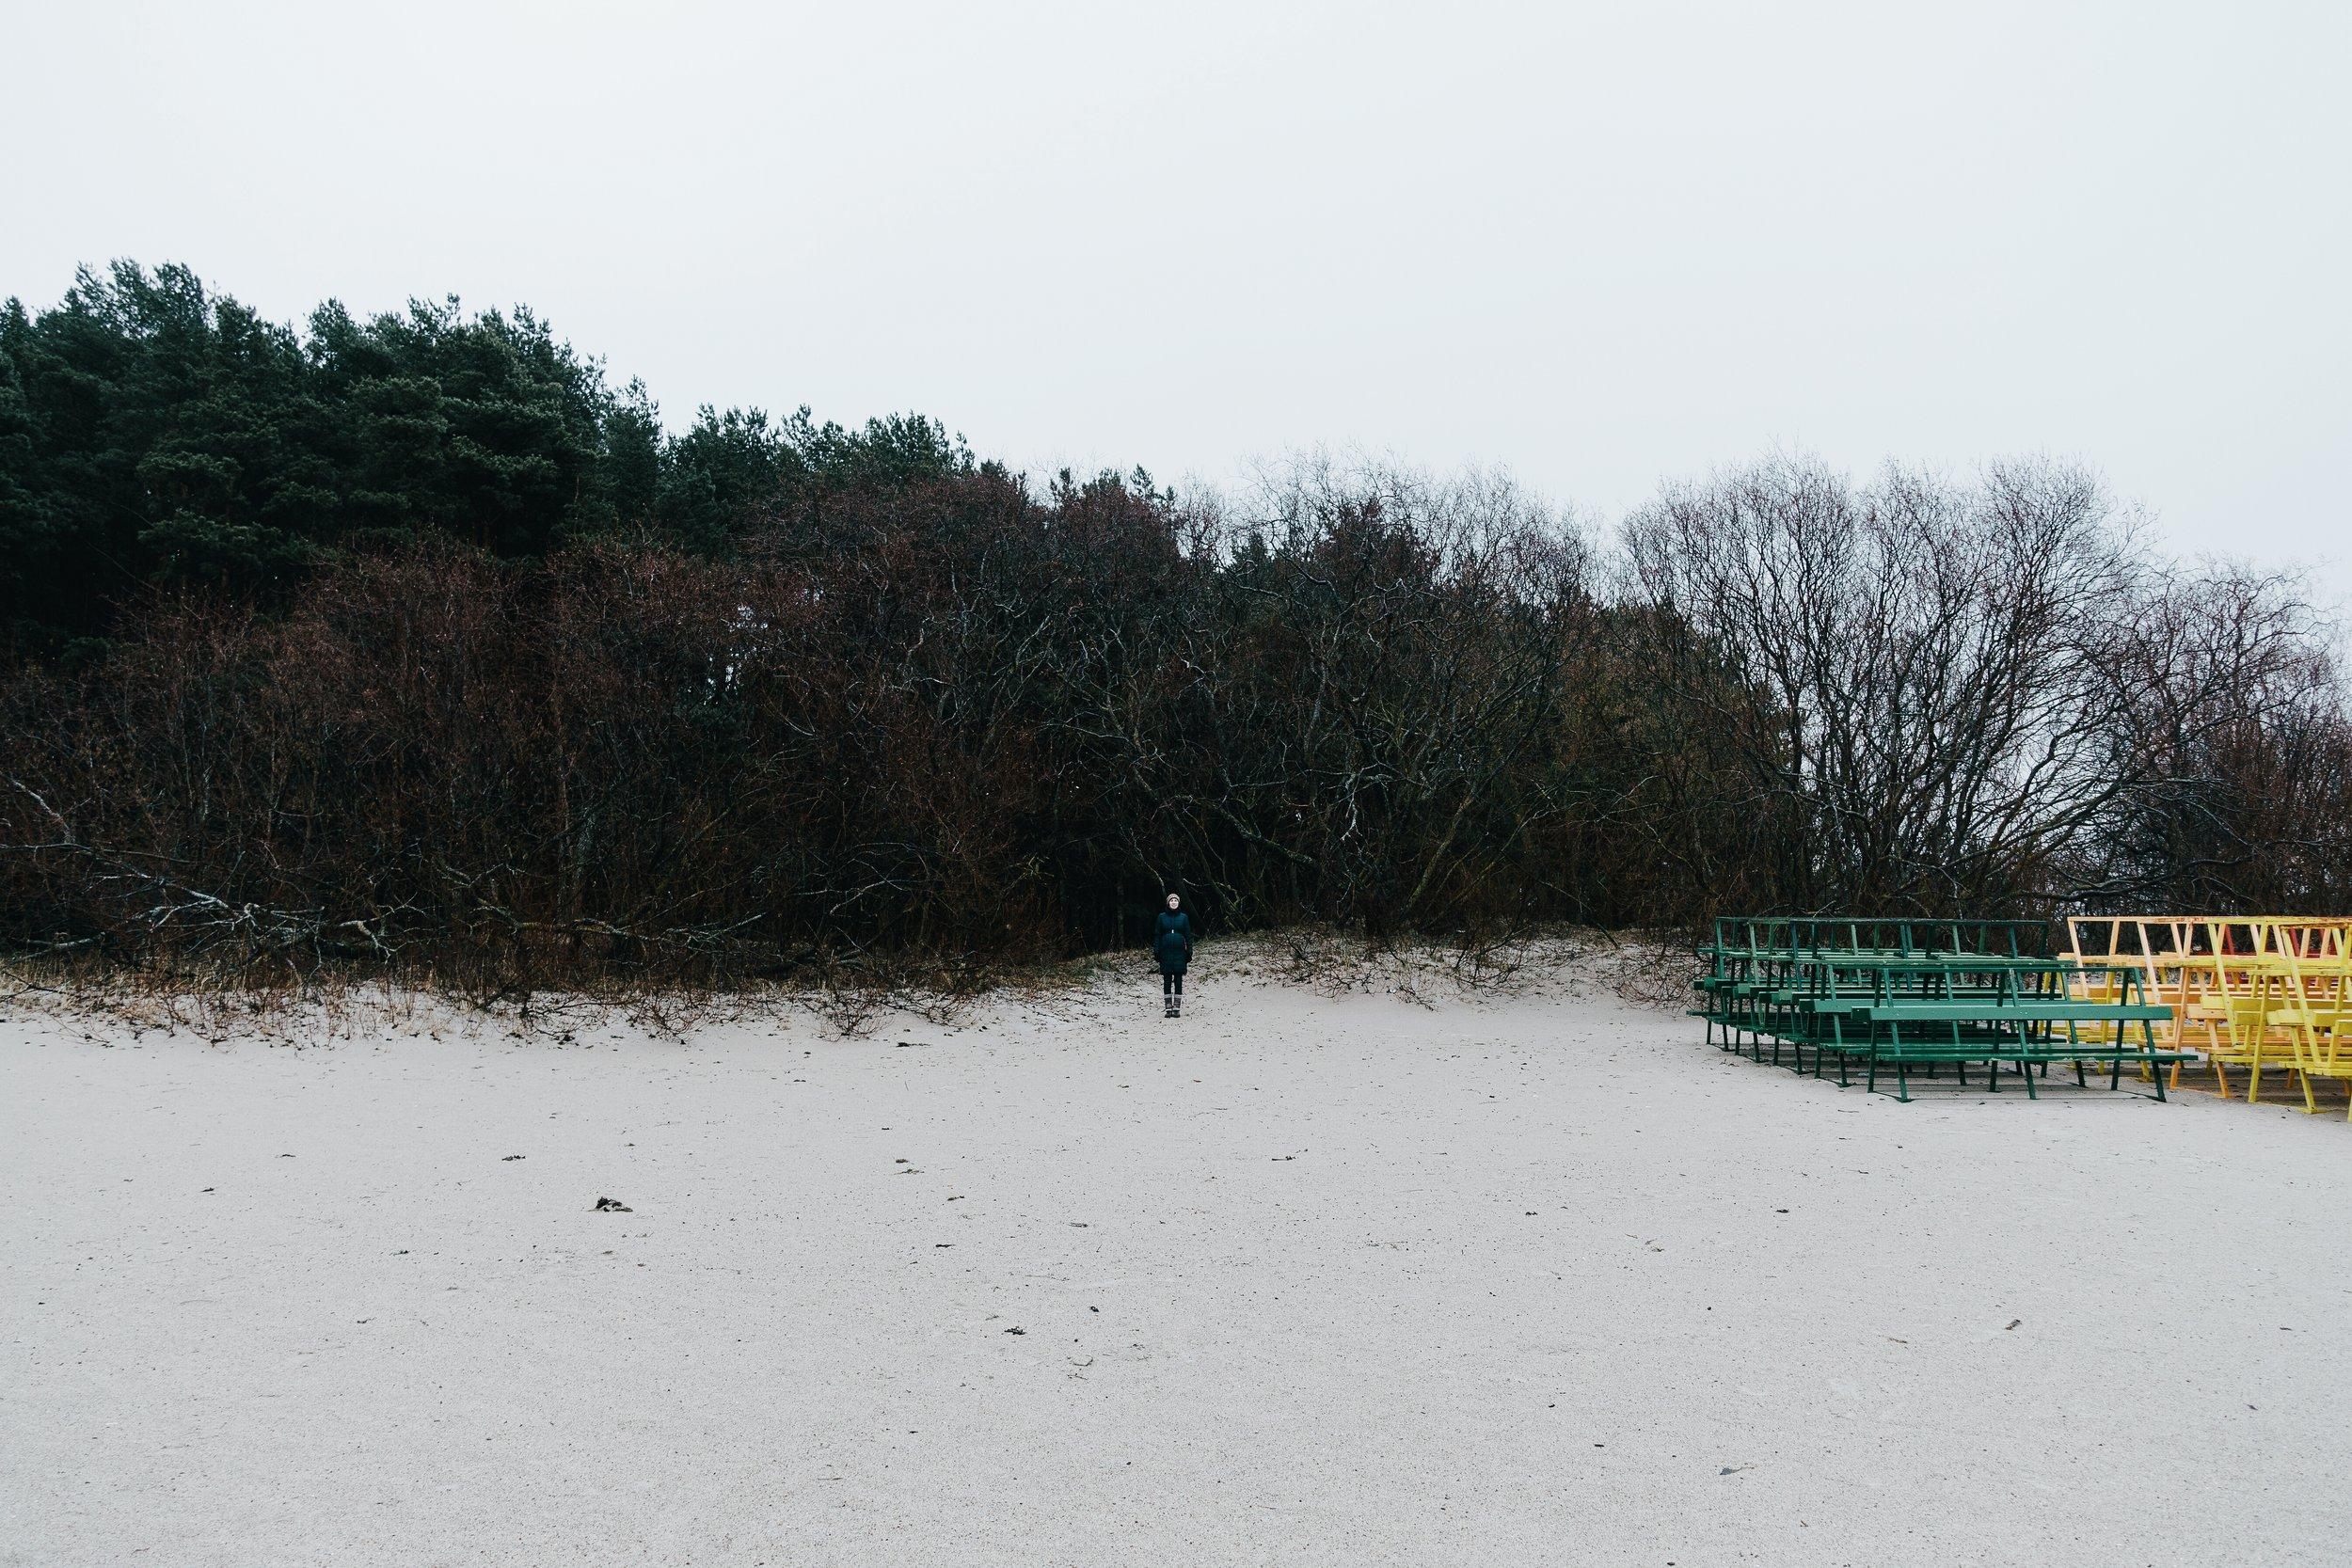 Pirita, Tallinn, Estonia, December 2016